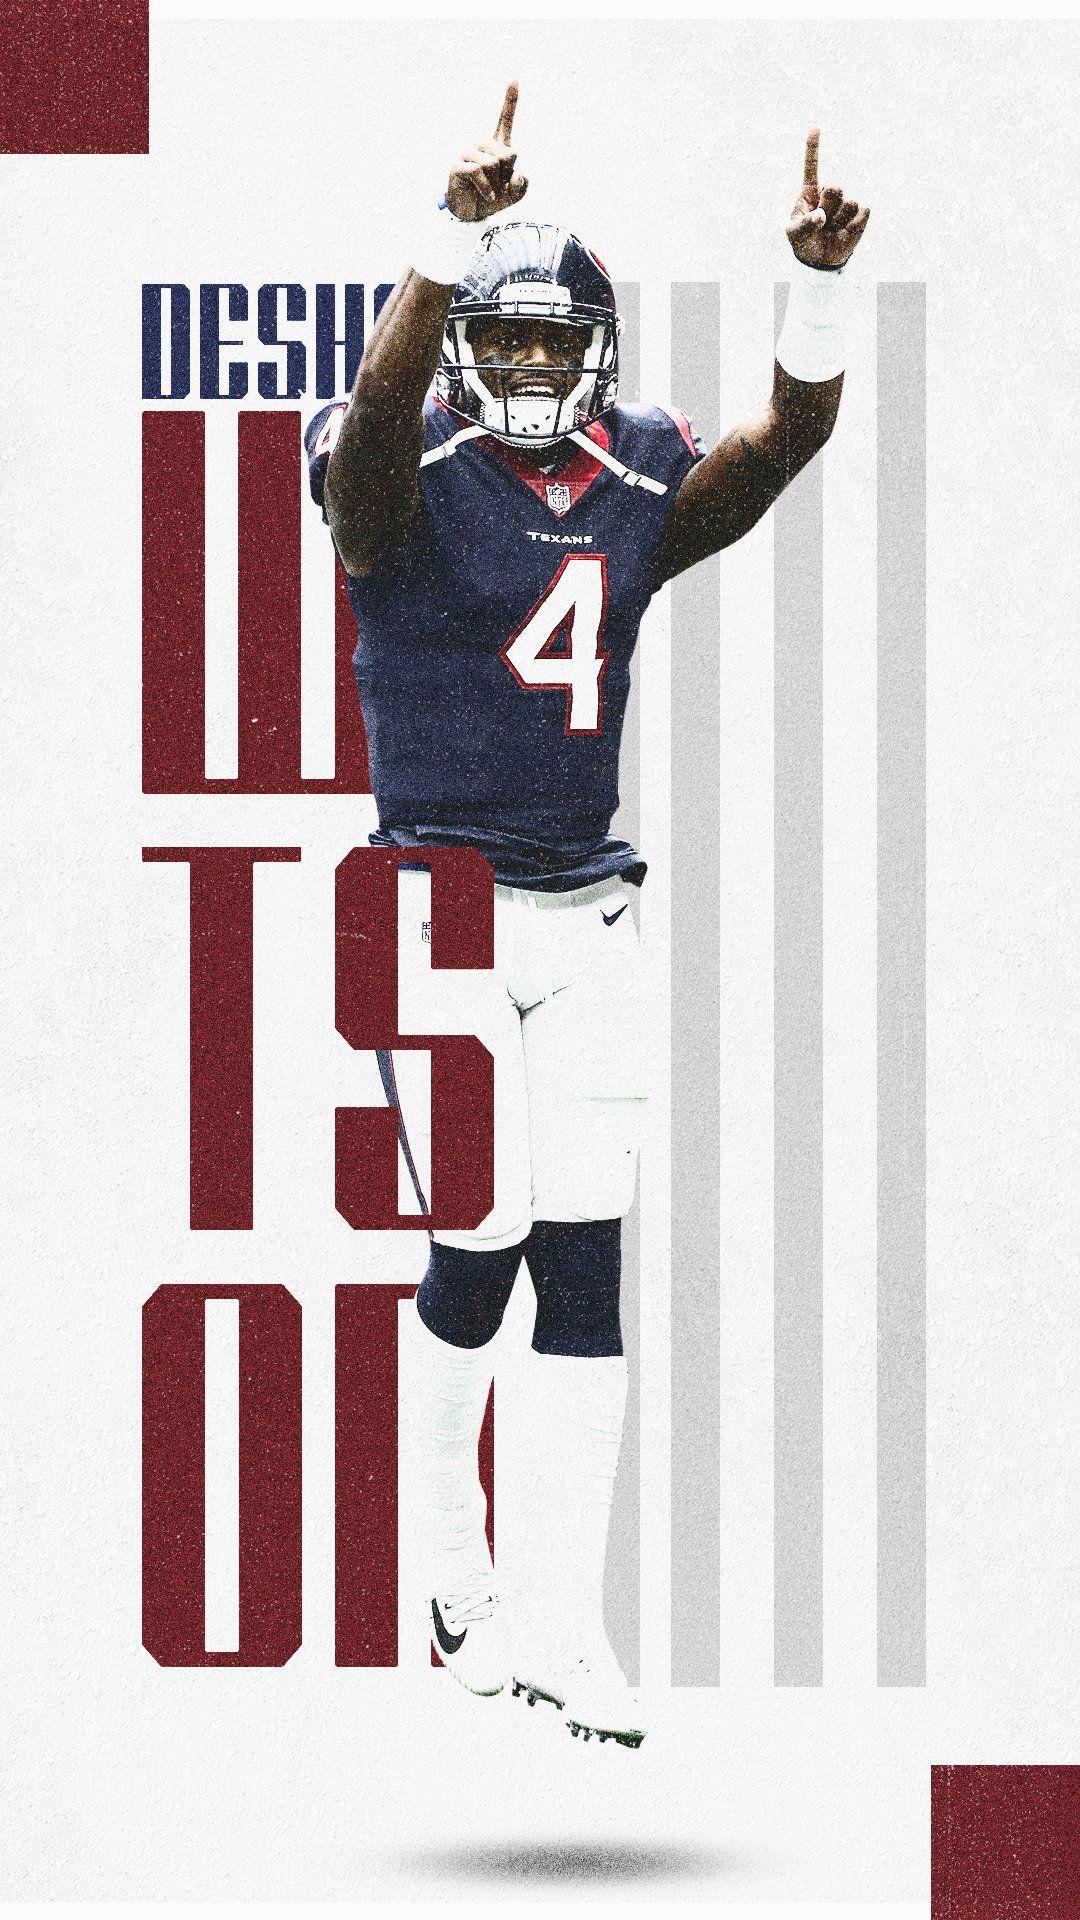 Twitter Nfl Football Art Texans Football Nfl Football Wallpaper